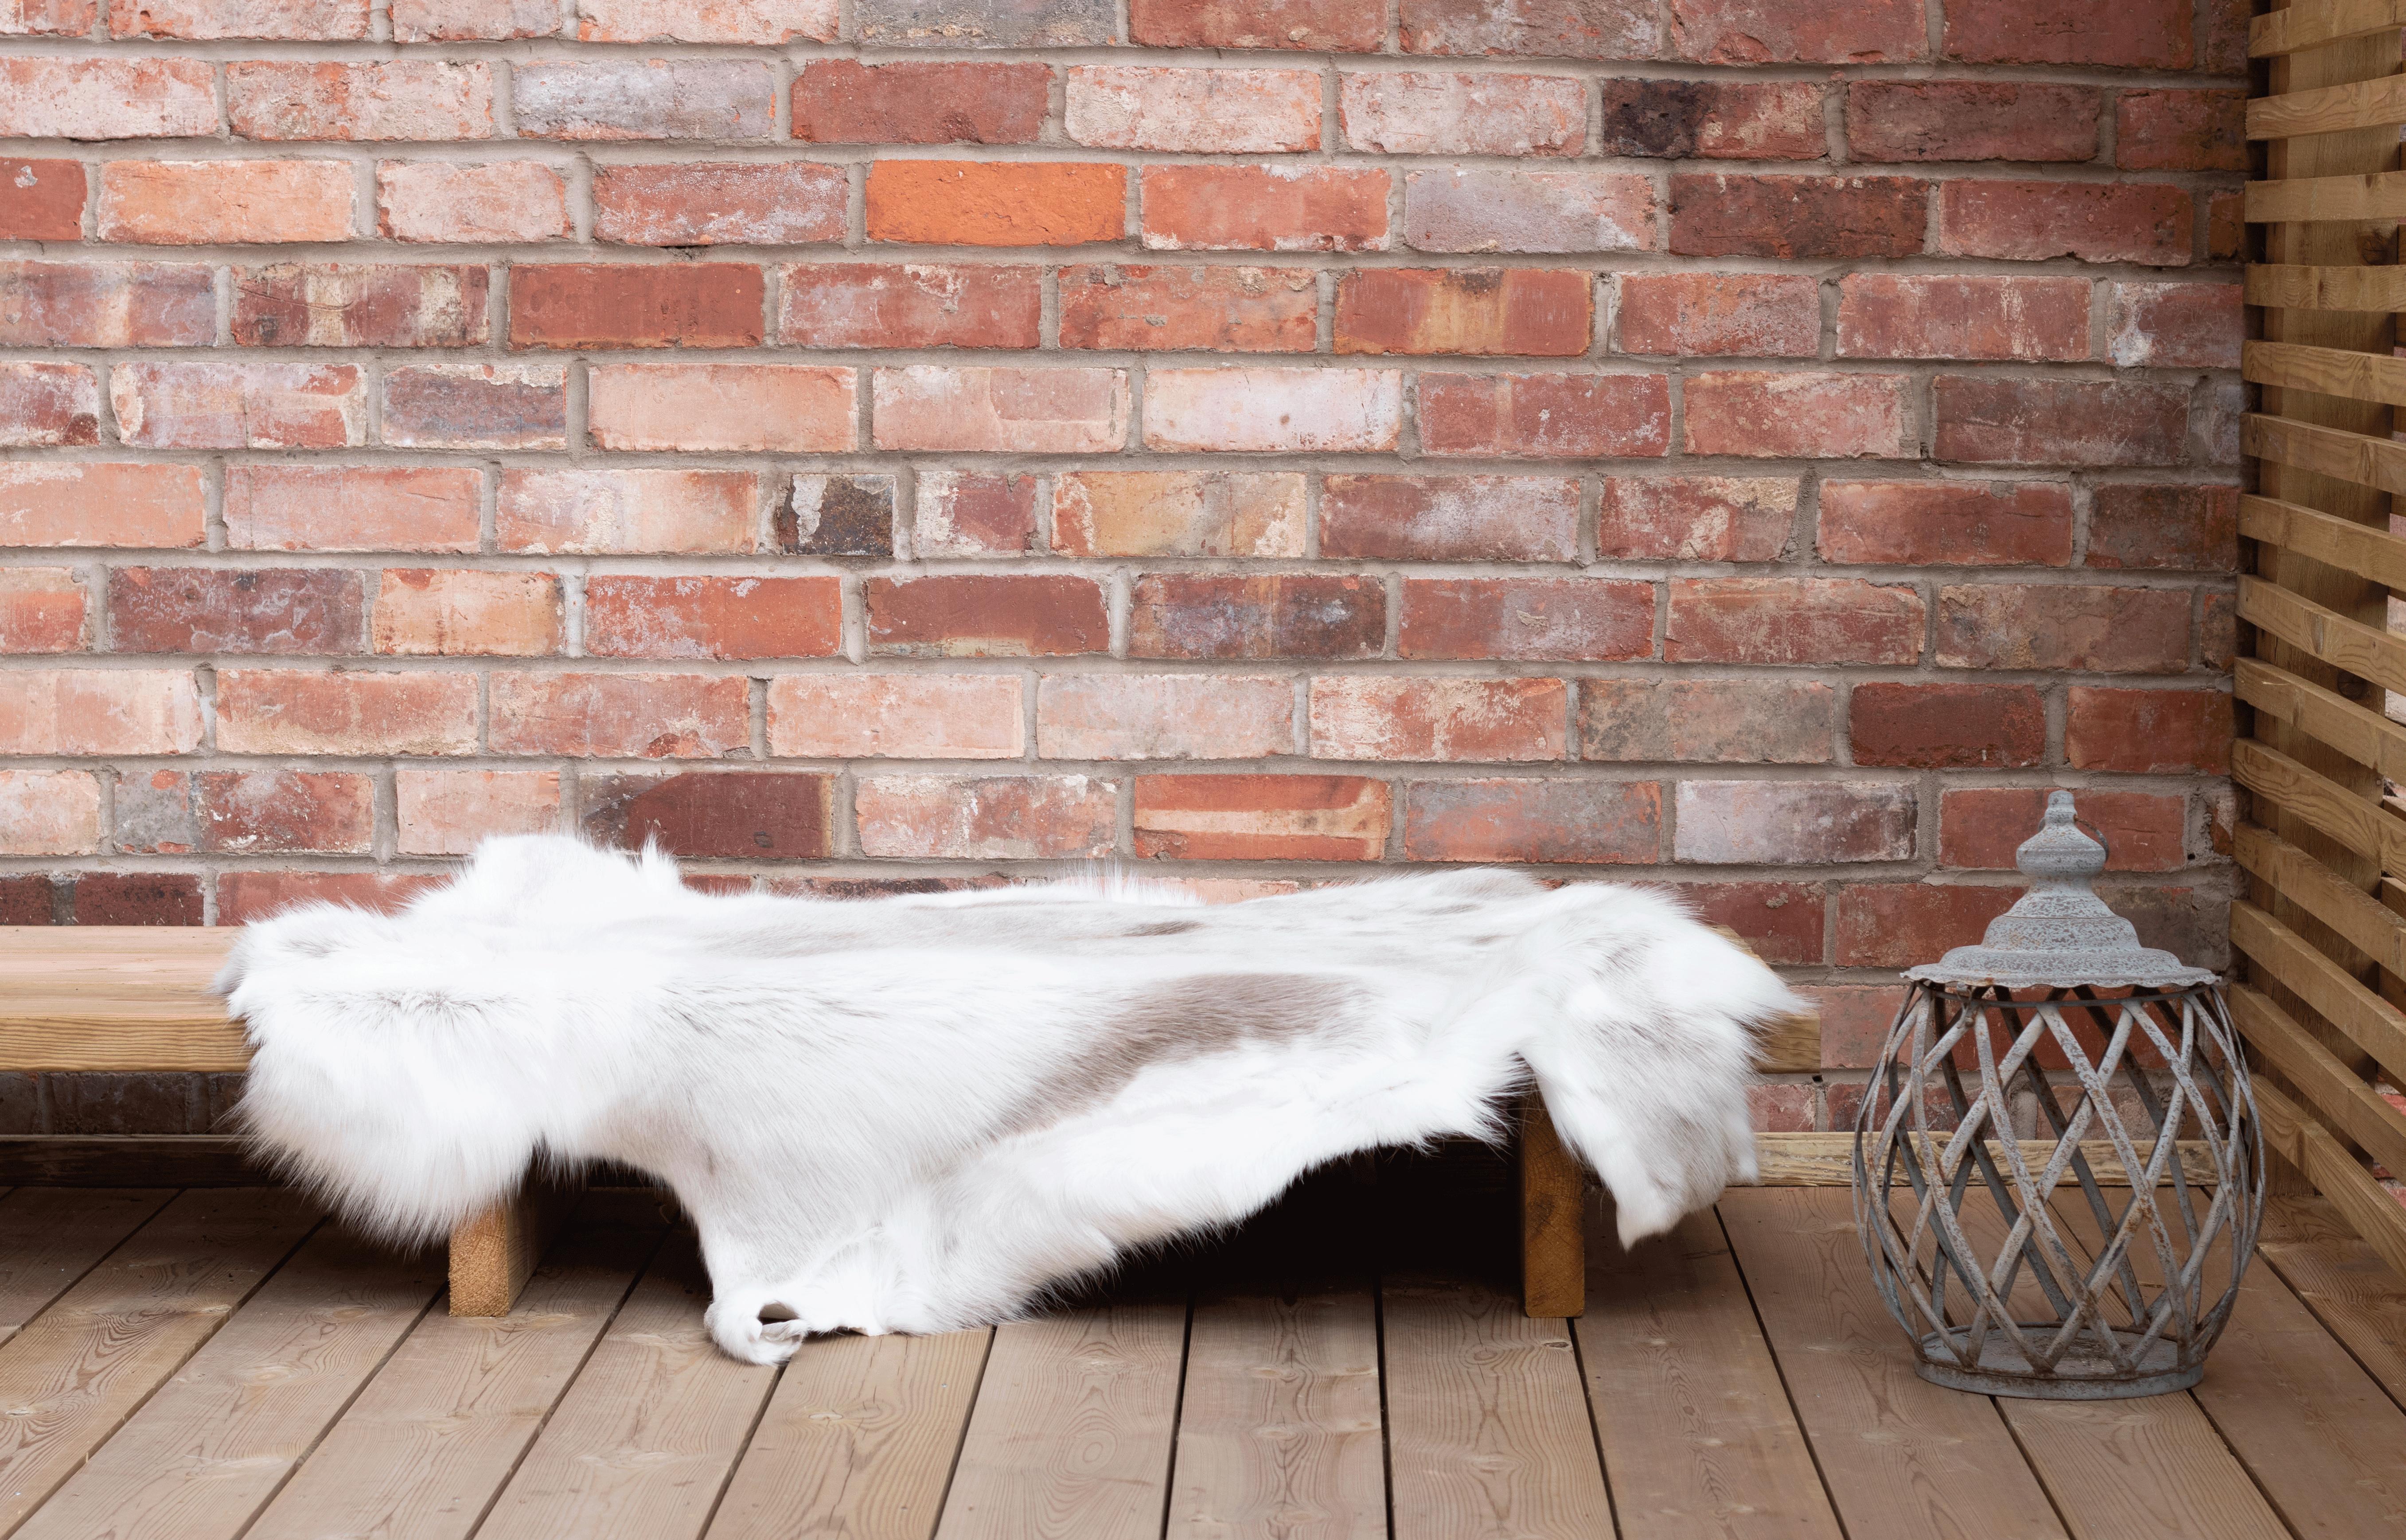 Rare Breed White Nordic Reindeer Hide Rug